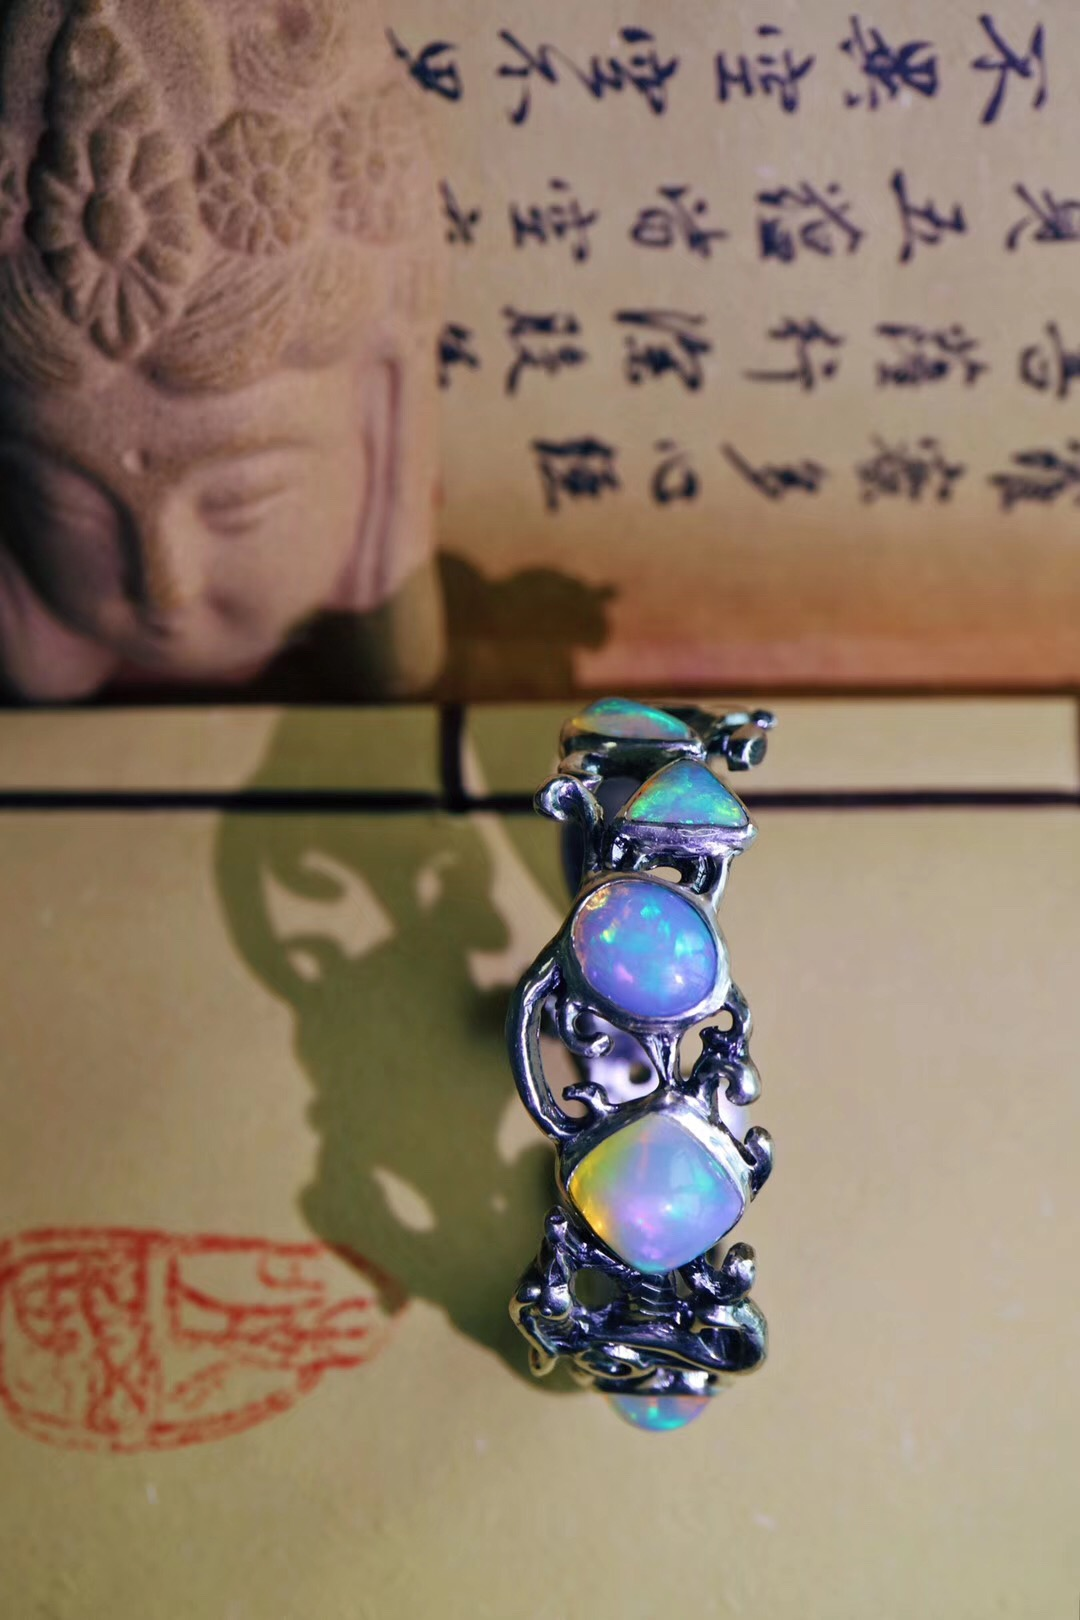 【菩心-收藏级&欧泊石凤凰镯】十户手胼胝,凤凰镯一只。-菩心晶舍